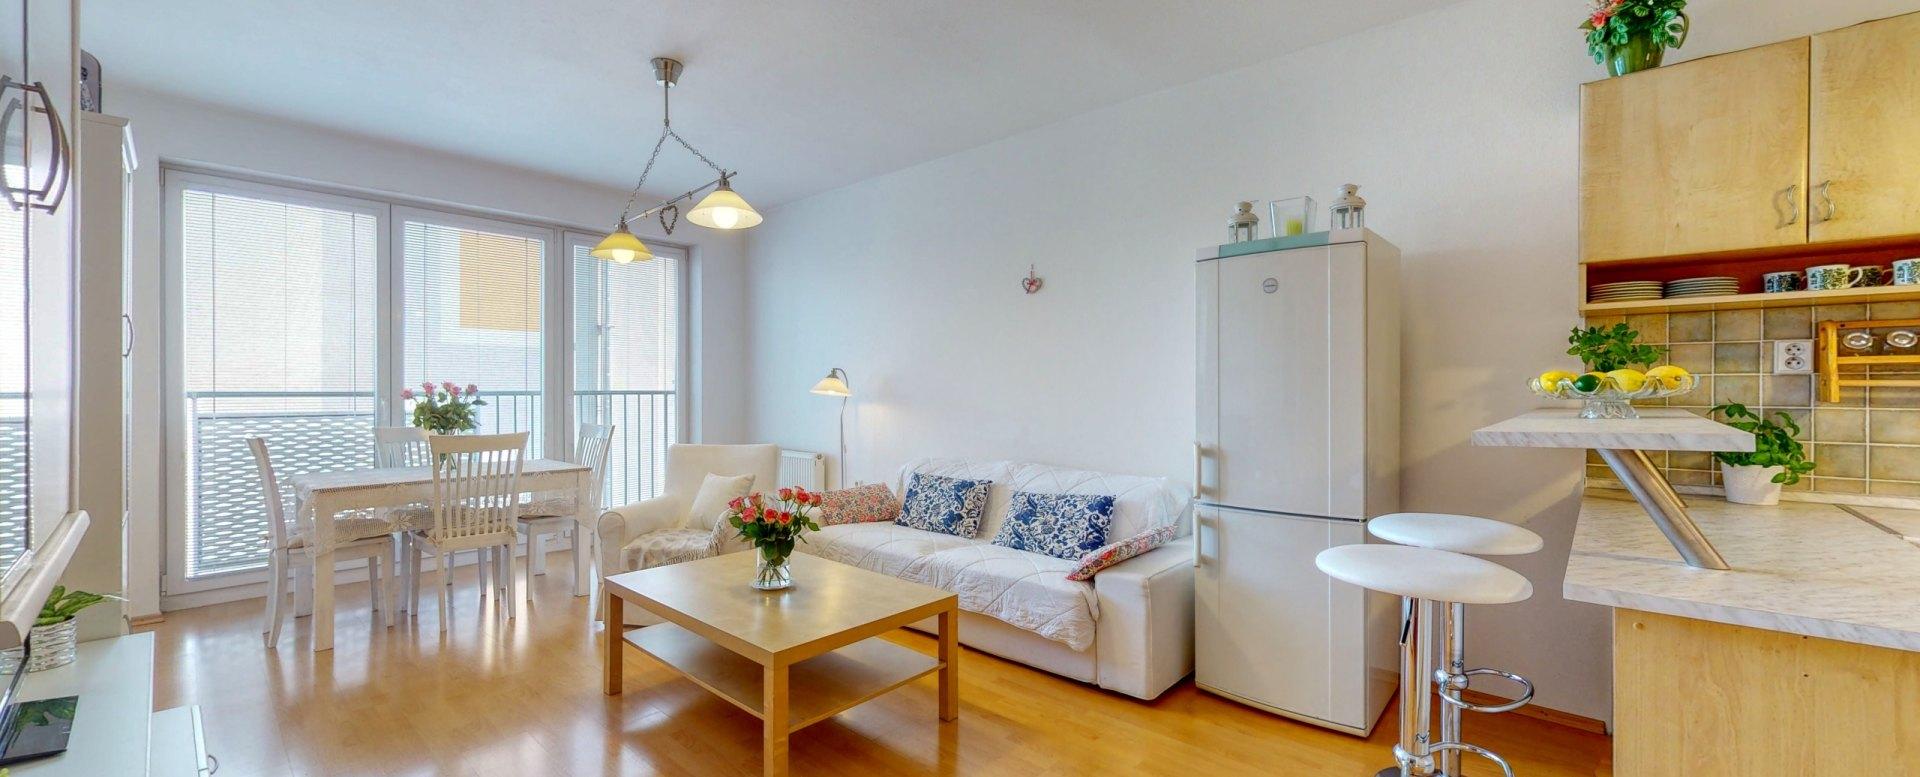 Obývacia izba s francúzskym balkónom